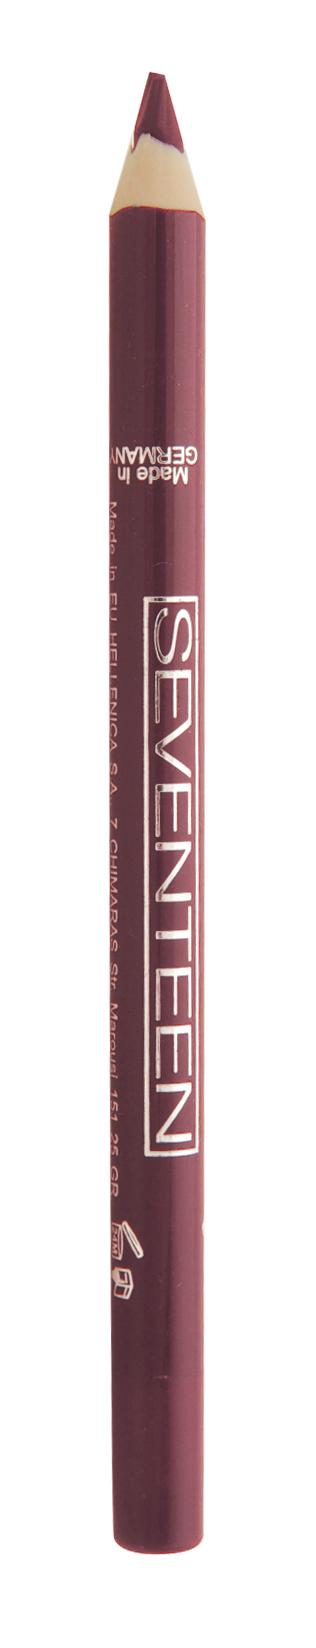 SEVENTEEN Карандаш водостойкий с витамином Е для губ, 08 клюква / Super Smooth W/P Lip Liner 1,2 г